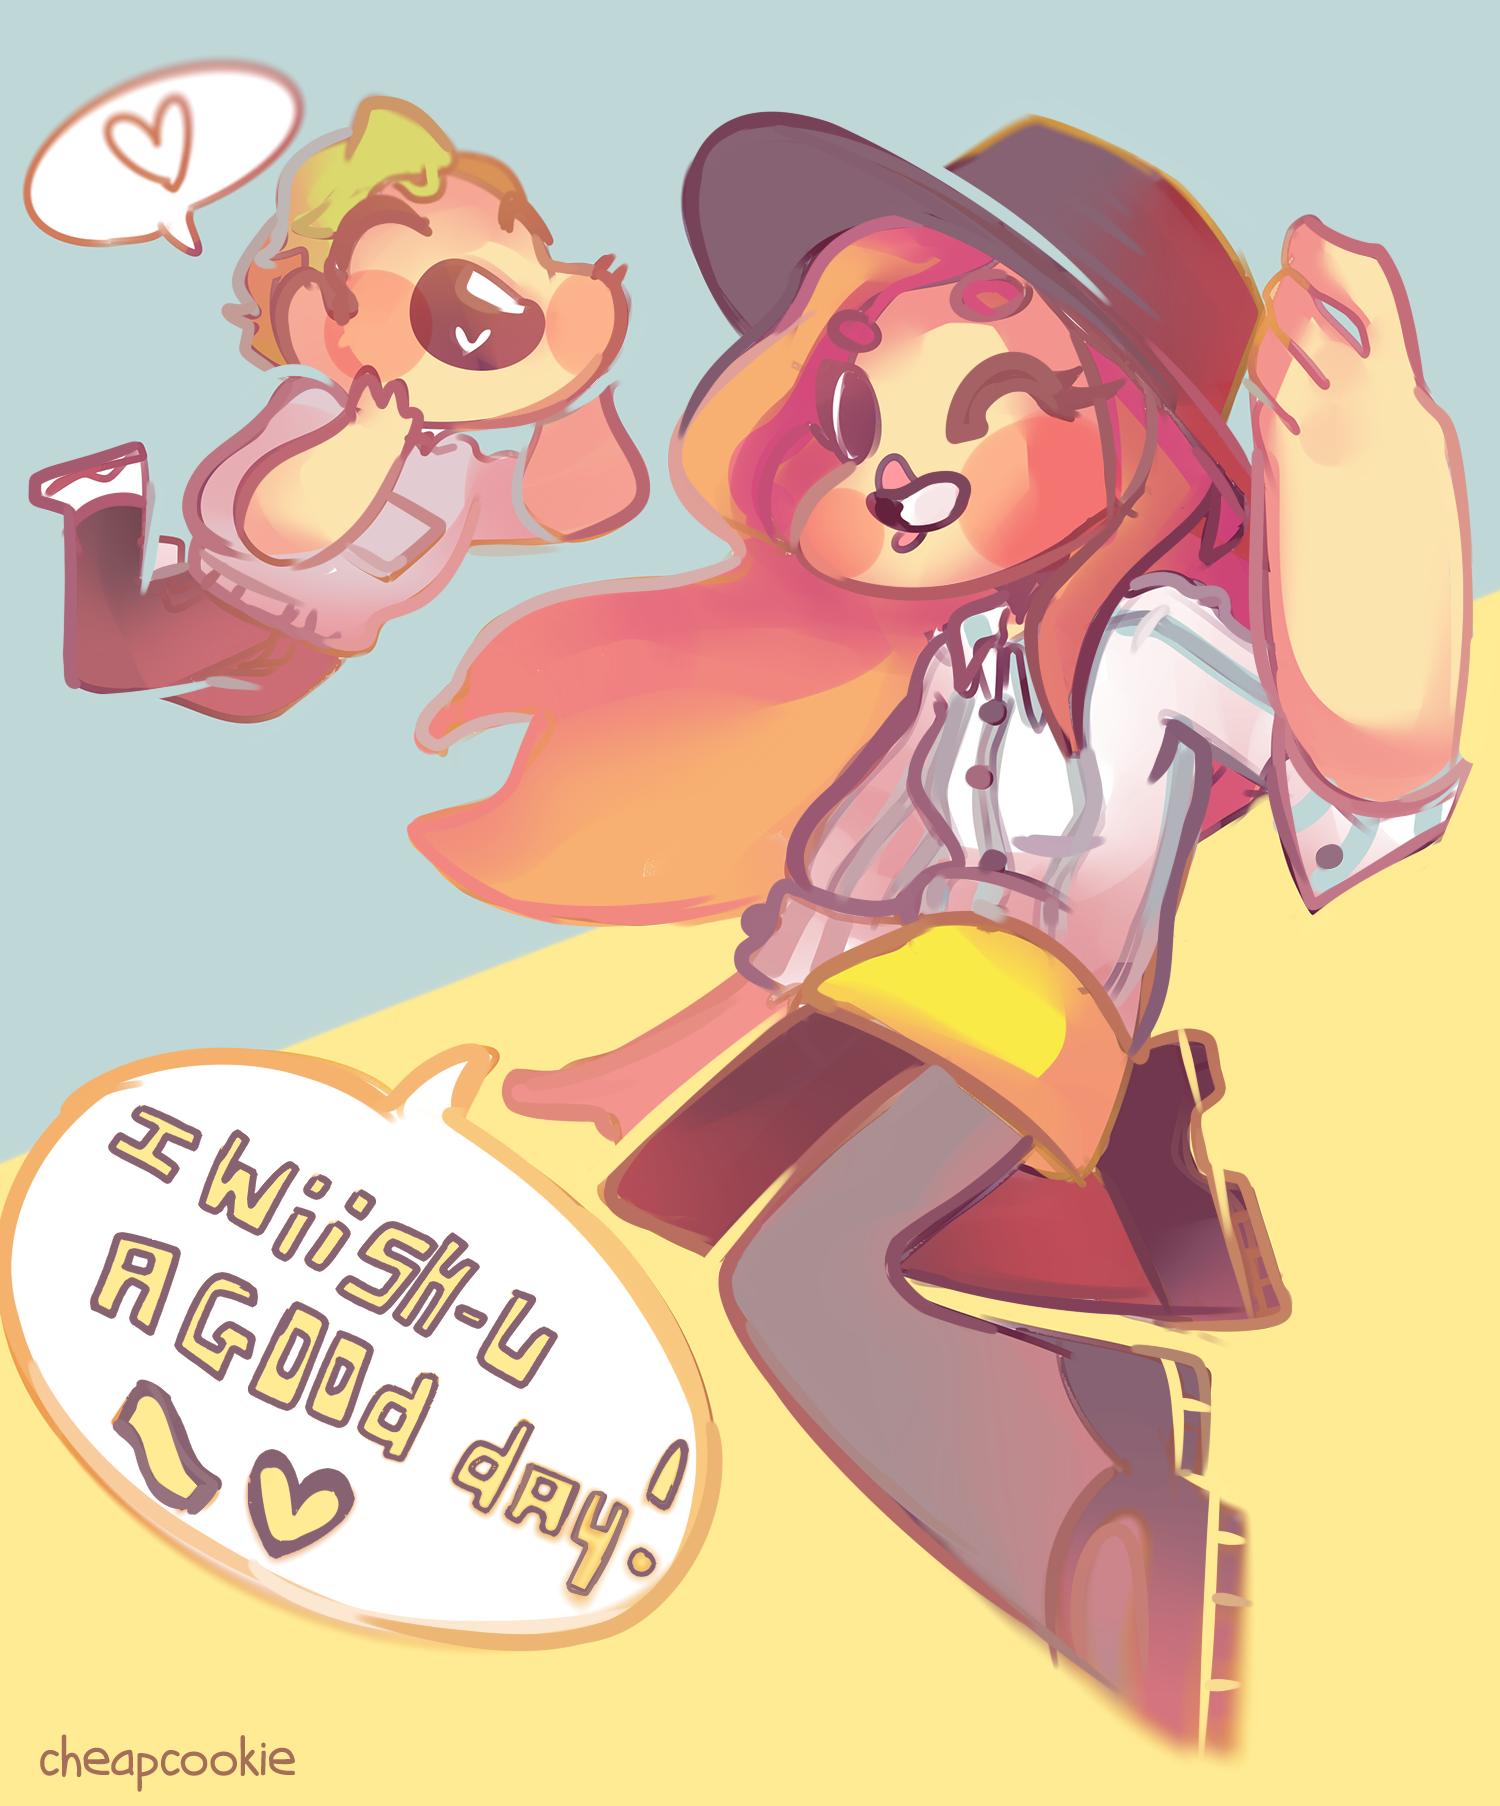 I Wiish-u a good day ! by Cheapcookie